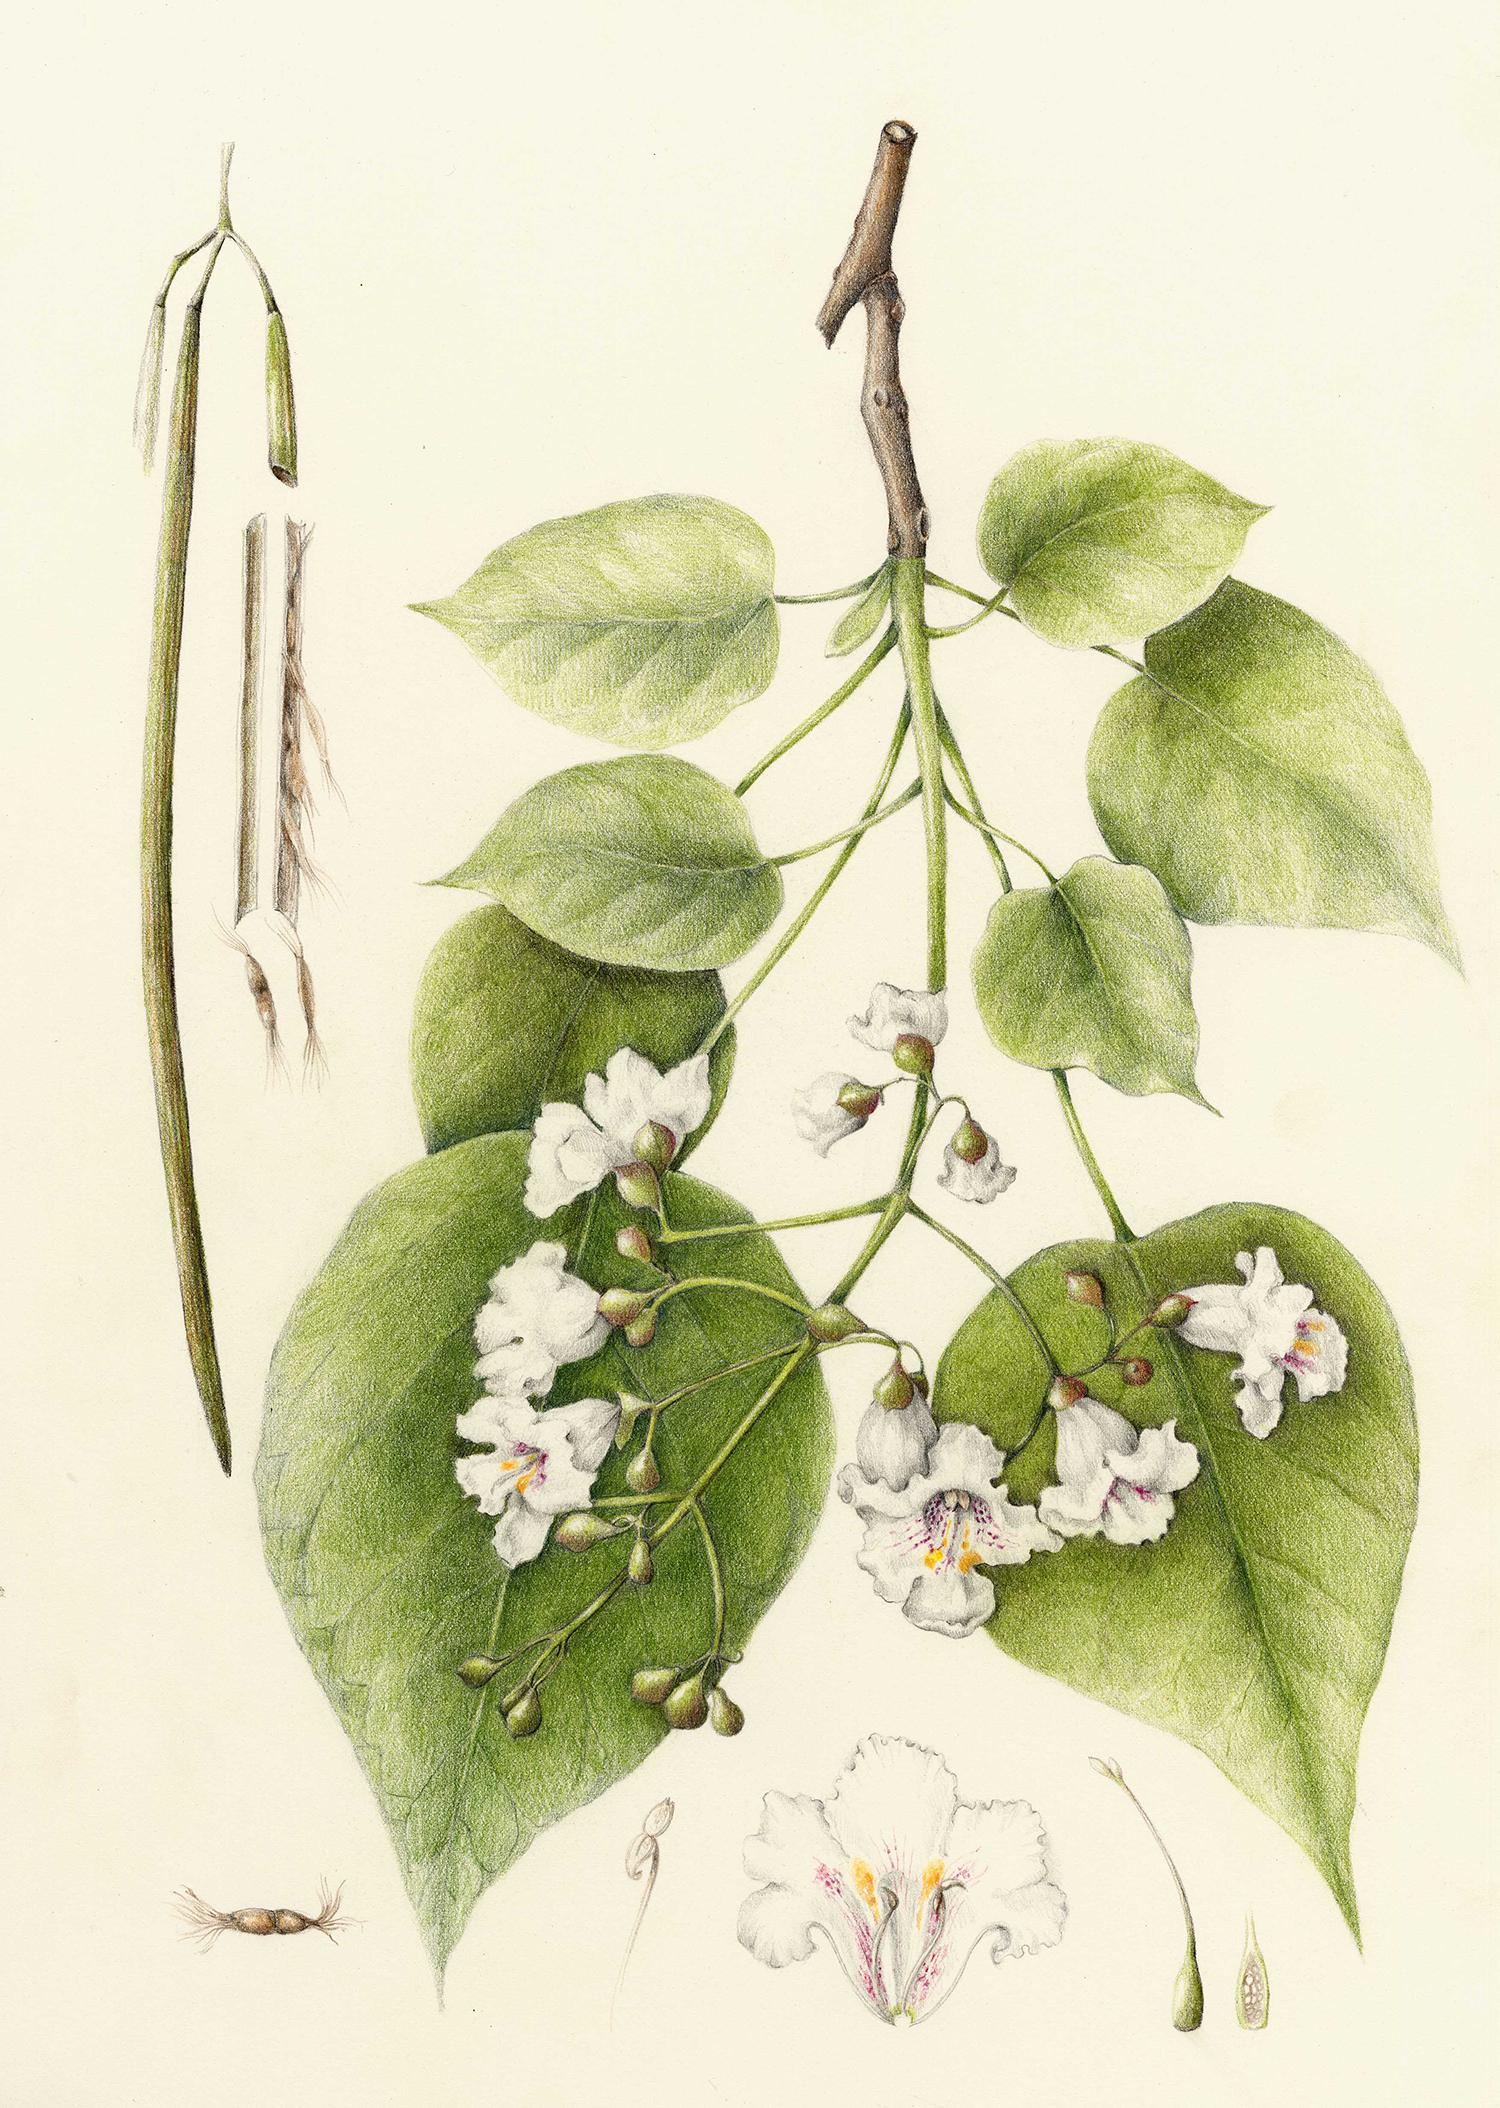 Catalpa Tree - Catalpa speciosa